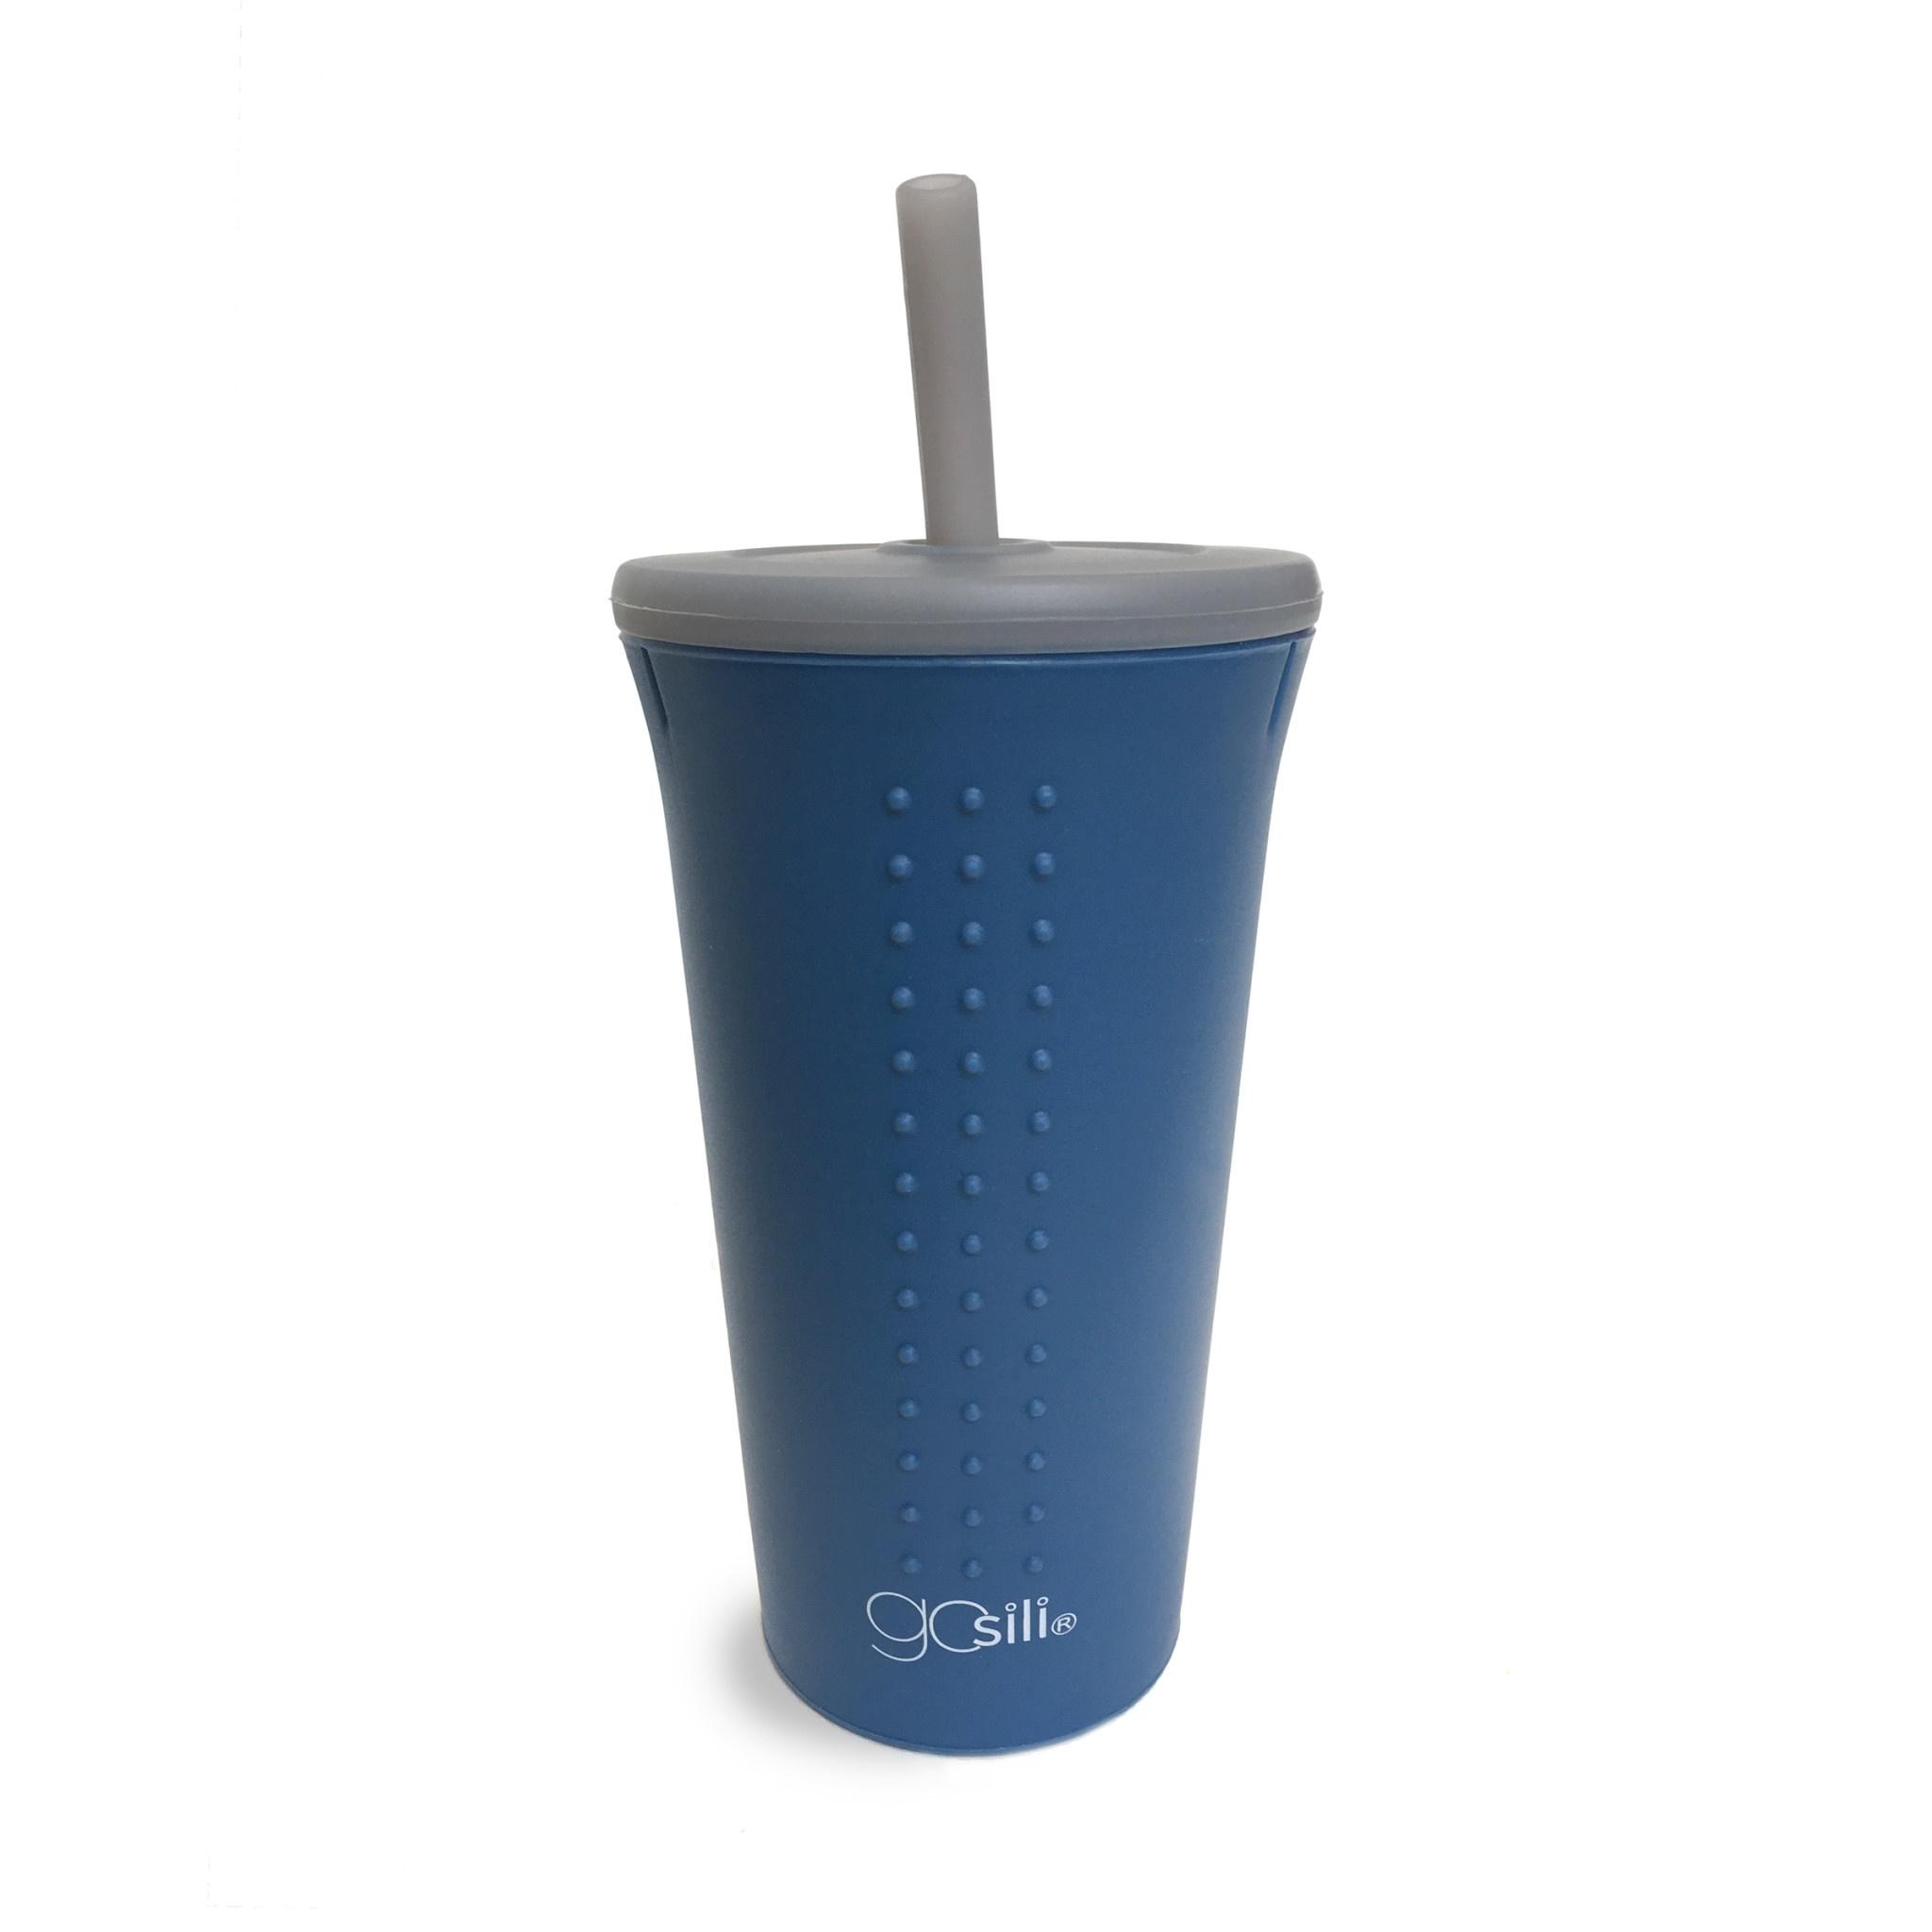 GoSili 16 oz Straw Cup- Foggy Blue/Grey